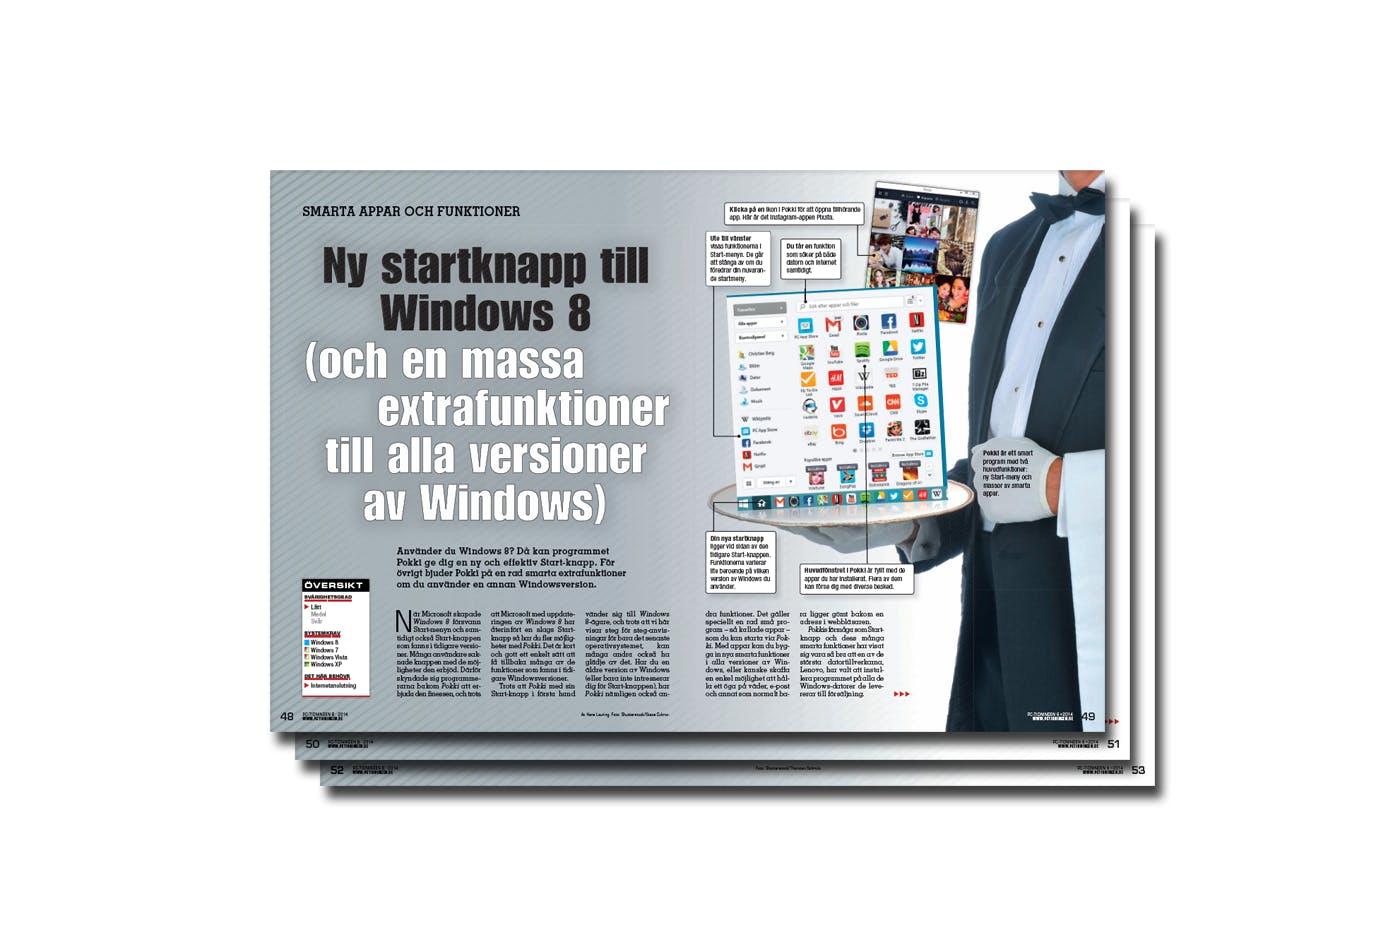 allt om windows